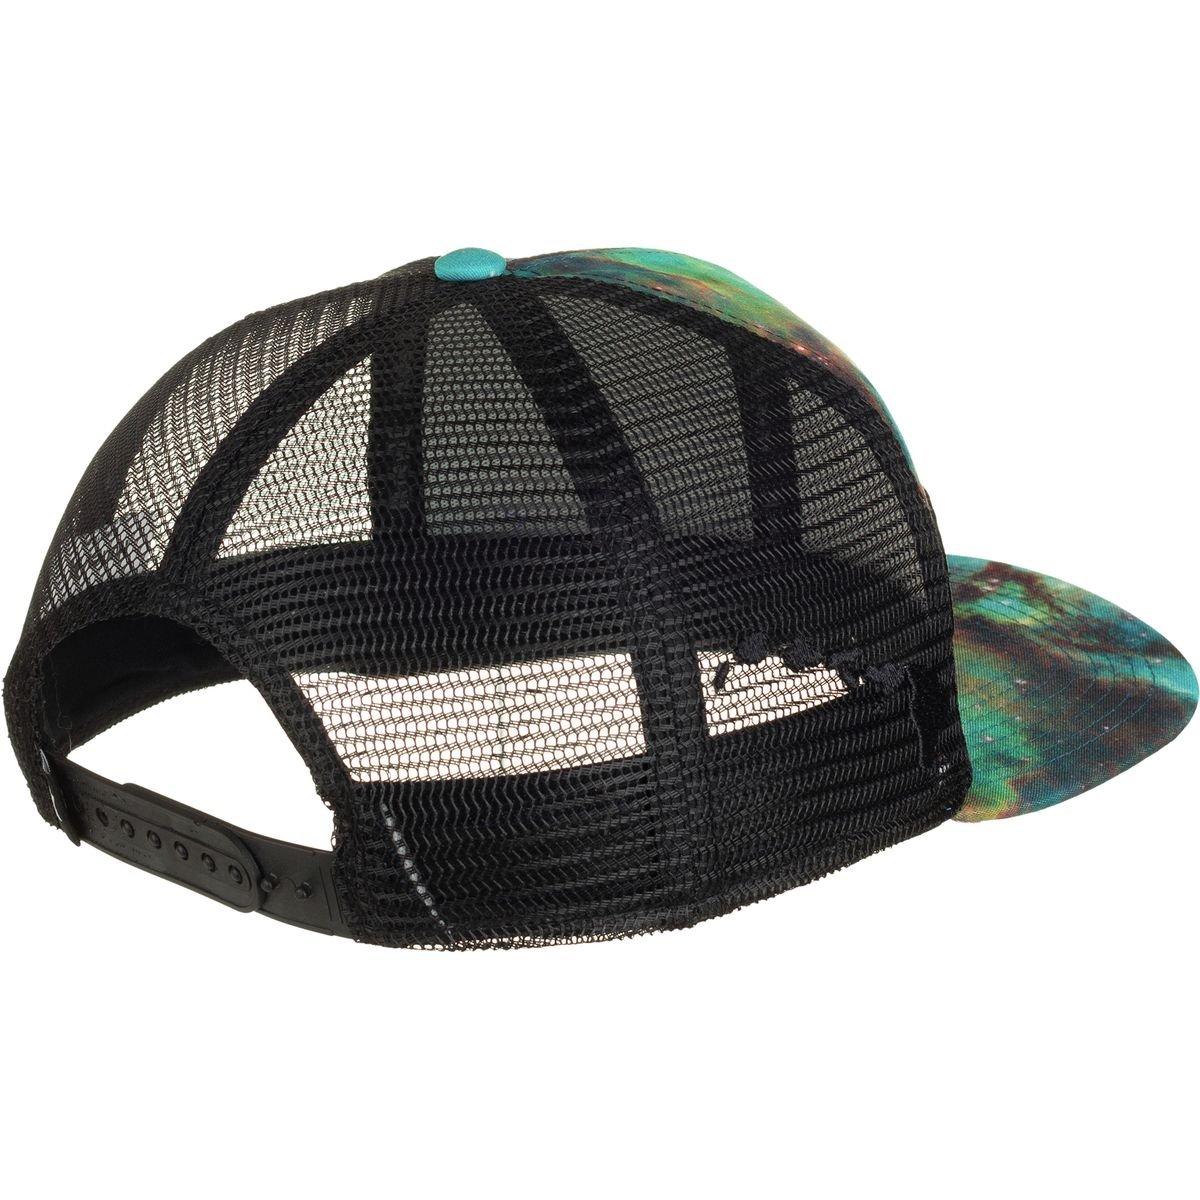 12516601658 Hurley JJF III Nebula Aloha Trucker Hat Multi